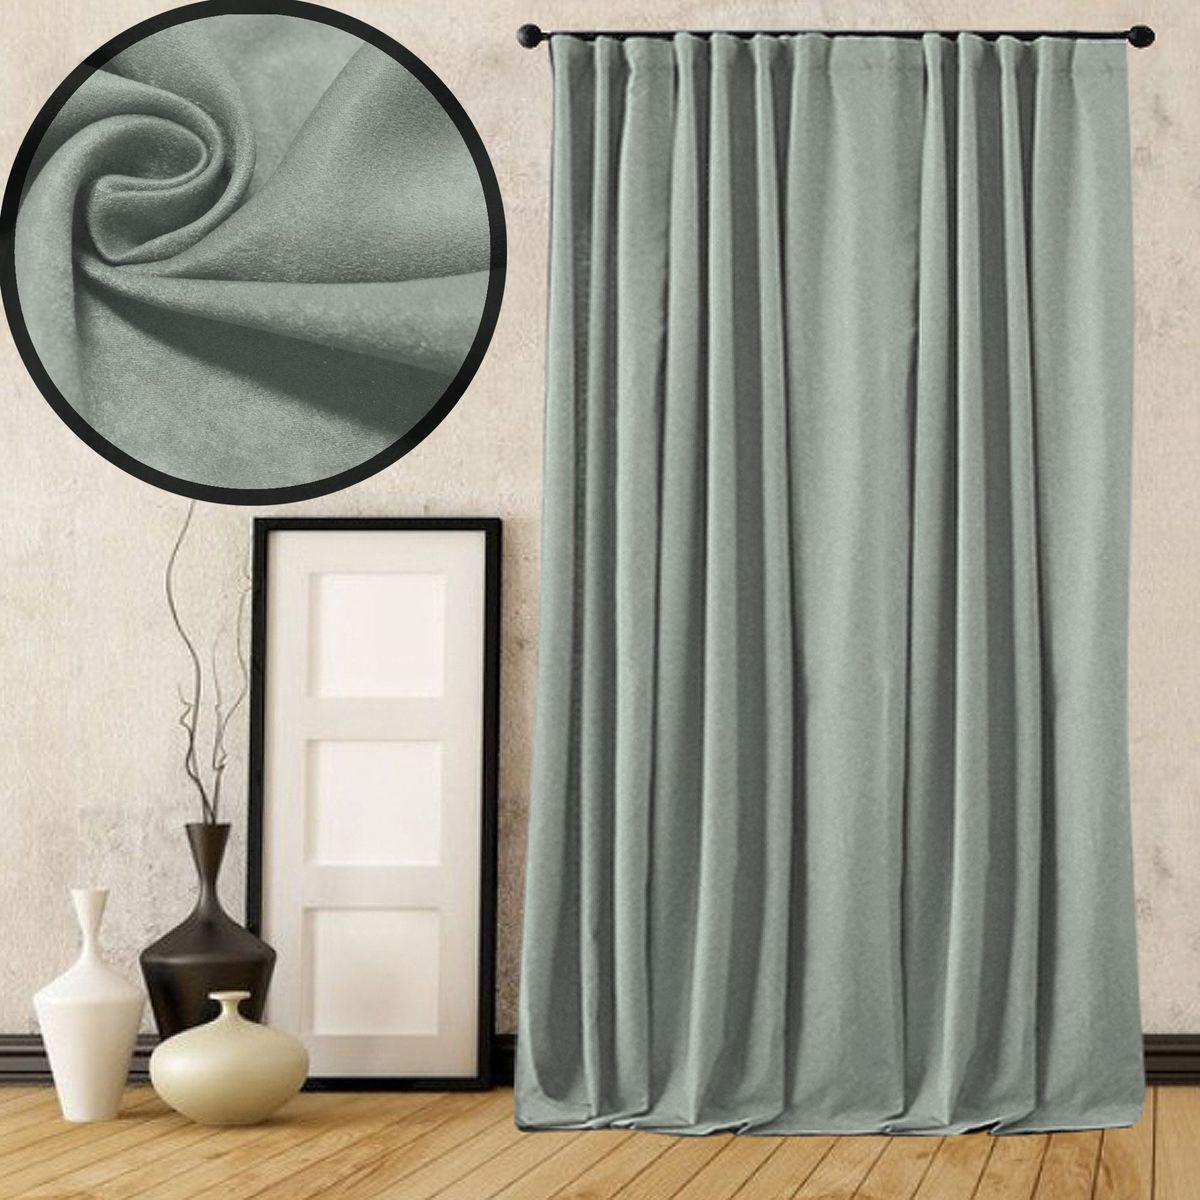 Портьера Amore Mio Софт, на ленте, цвет: серый, высота 270 см. 77510VCA-00Портьера Amore Mio - плотная, мягкая, ворсистая ткань - софт, с деликатным сатиновым блеском. Эти портьеры будут идеальным решением для спальни. Изготовлены из 100% полиэстера. Полиэстер - вид ткани, состоящий из полиэфирных волокон. Ткани из полиэстера легкие, прочные и износостойкие. Такие изделия не требуют специального ухода, не пылятся и почти не мнутся.Крепление к карнизу осуществляется при помощи вшитой шторной ленты.